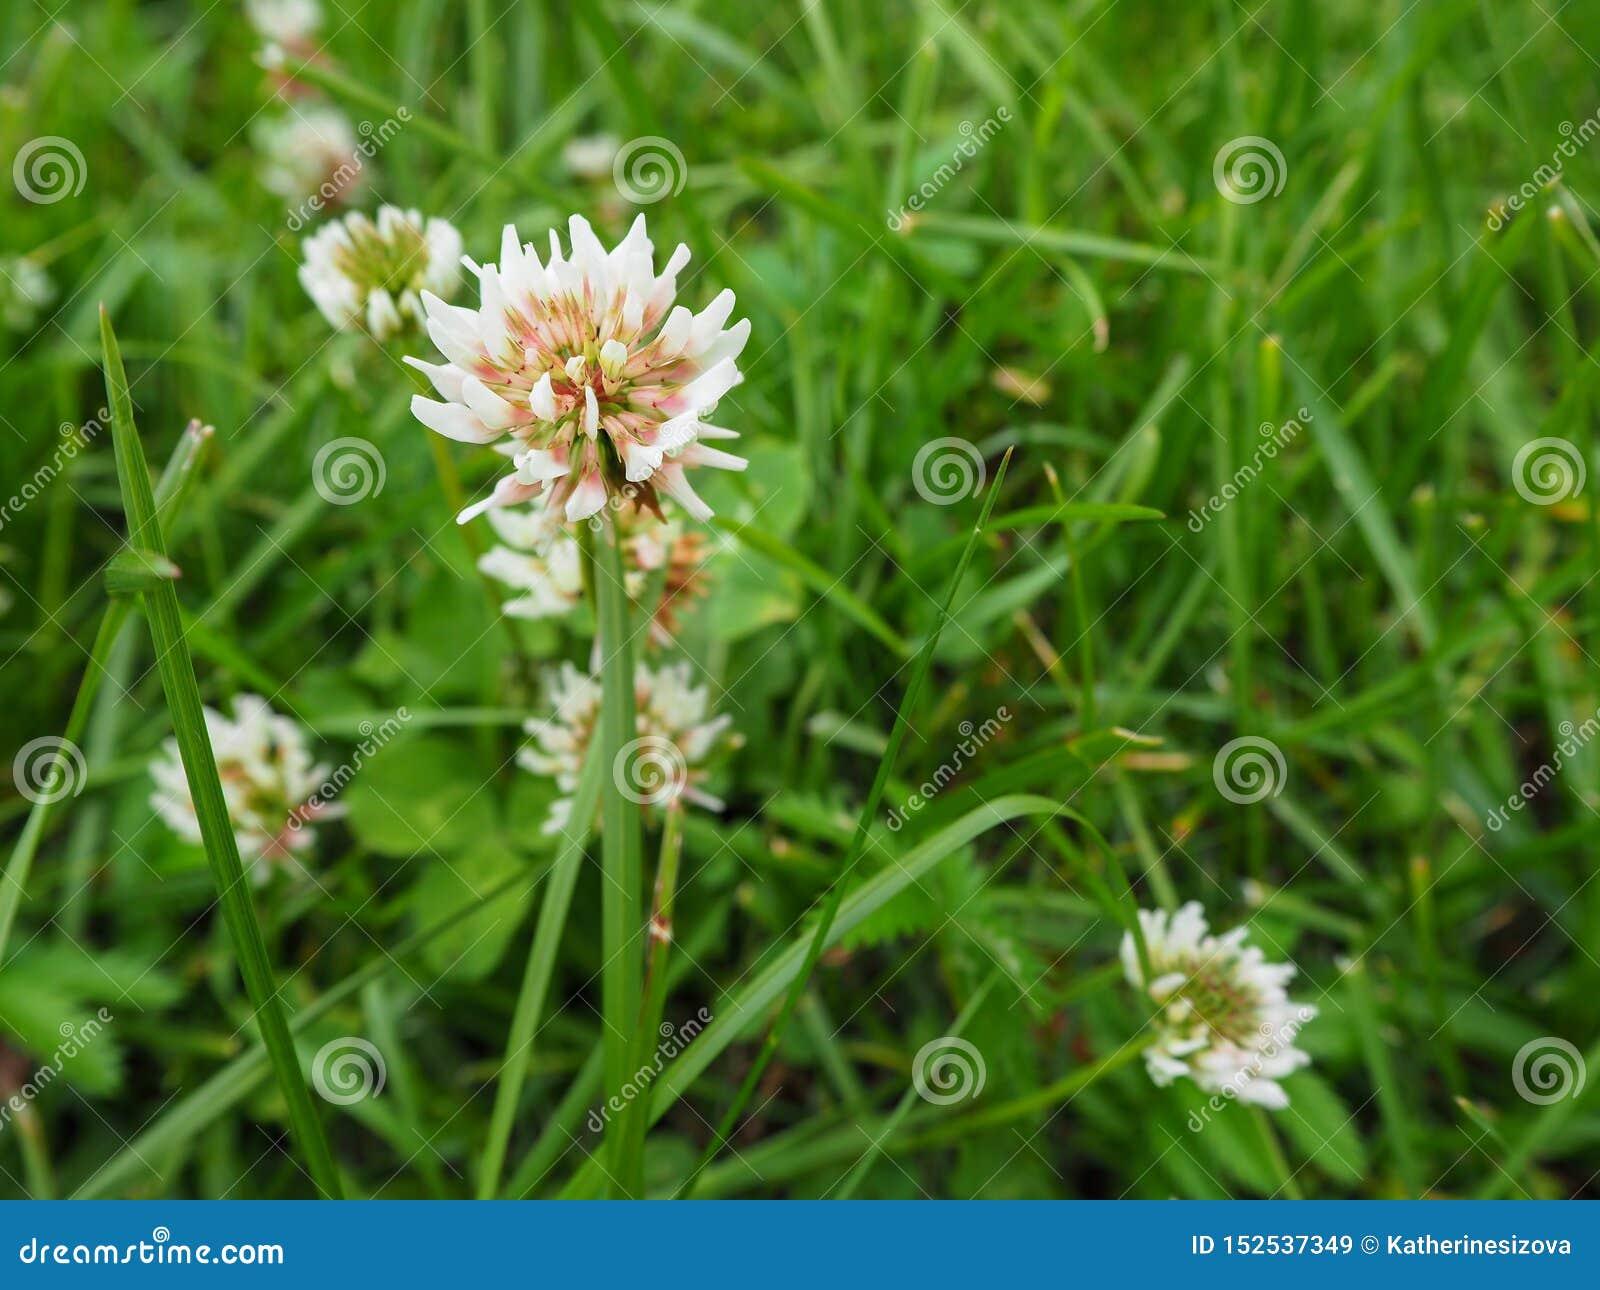 Fin de trifolium de fleur de tréfle blanc ou de minette sur le champ vert de trèfle